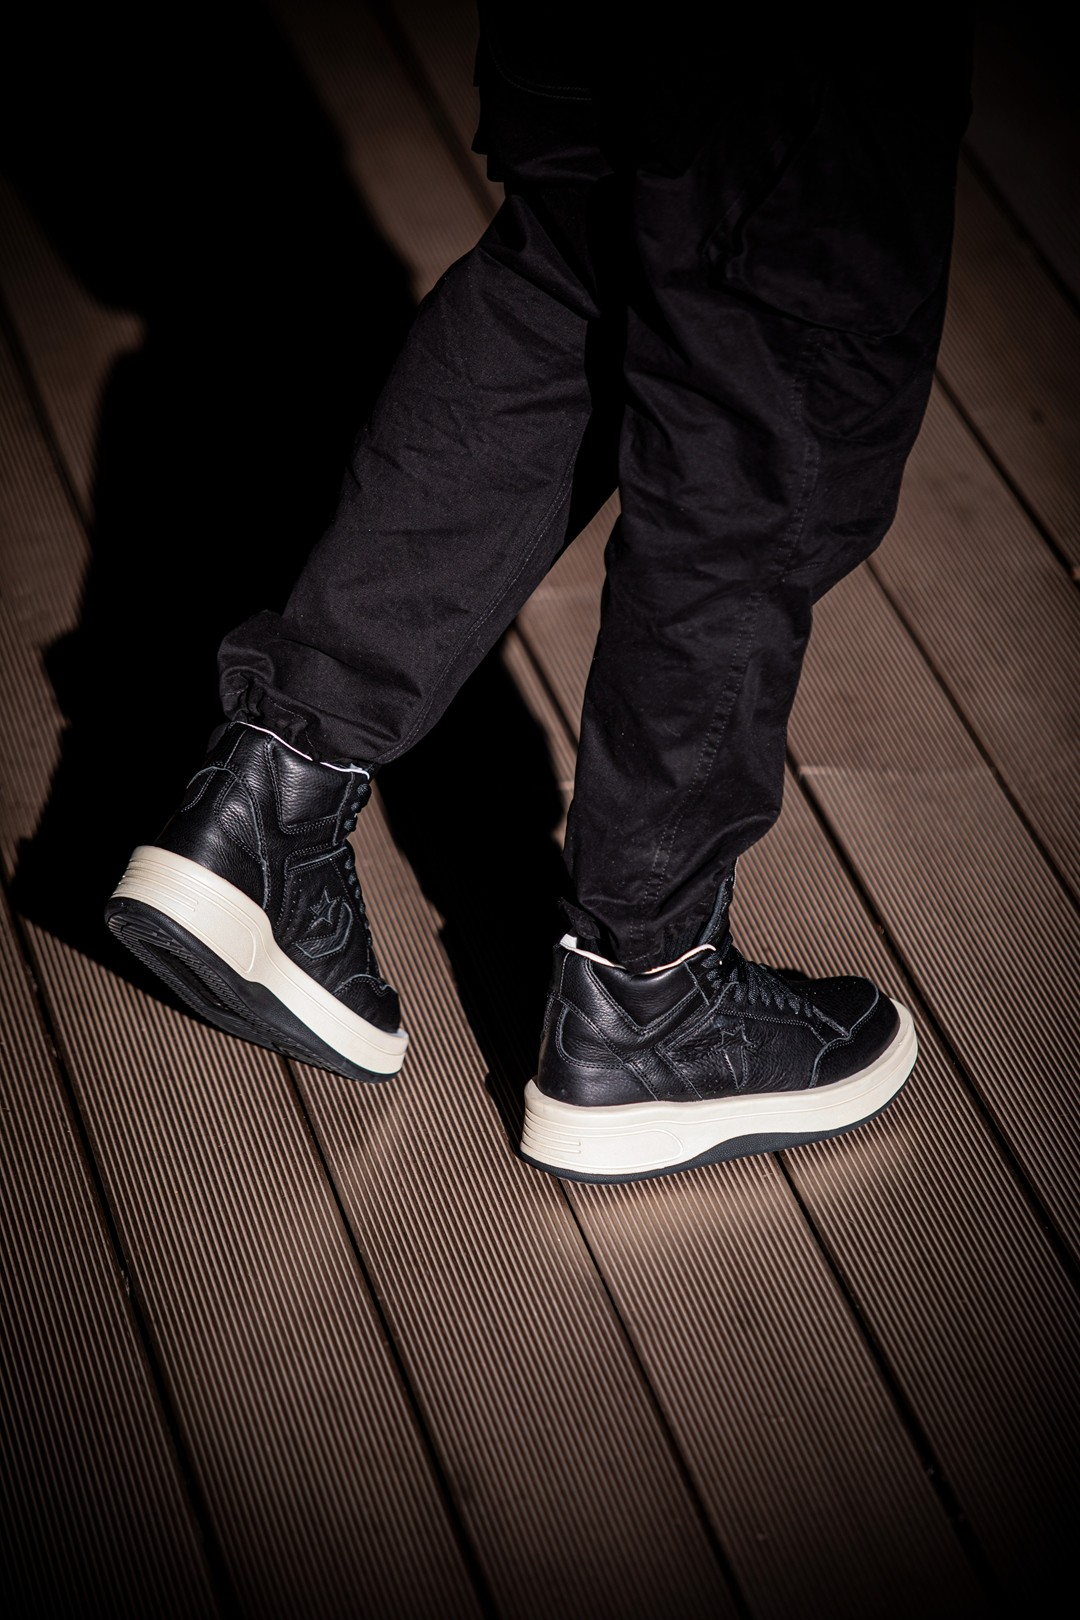 编辑部上脚  市价两千多的匡威!欧阳娜娜超爱的「暗黑教父」又出联名鞋!发售倒计时!